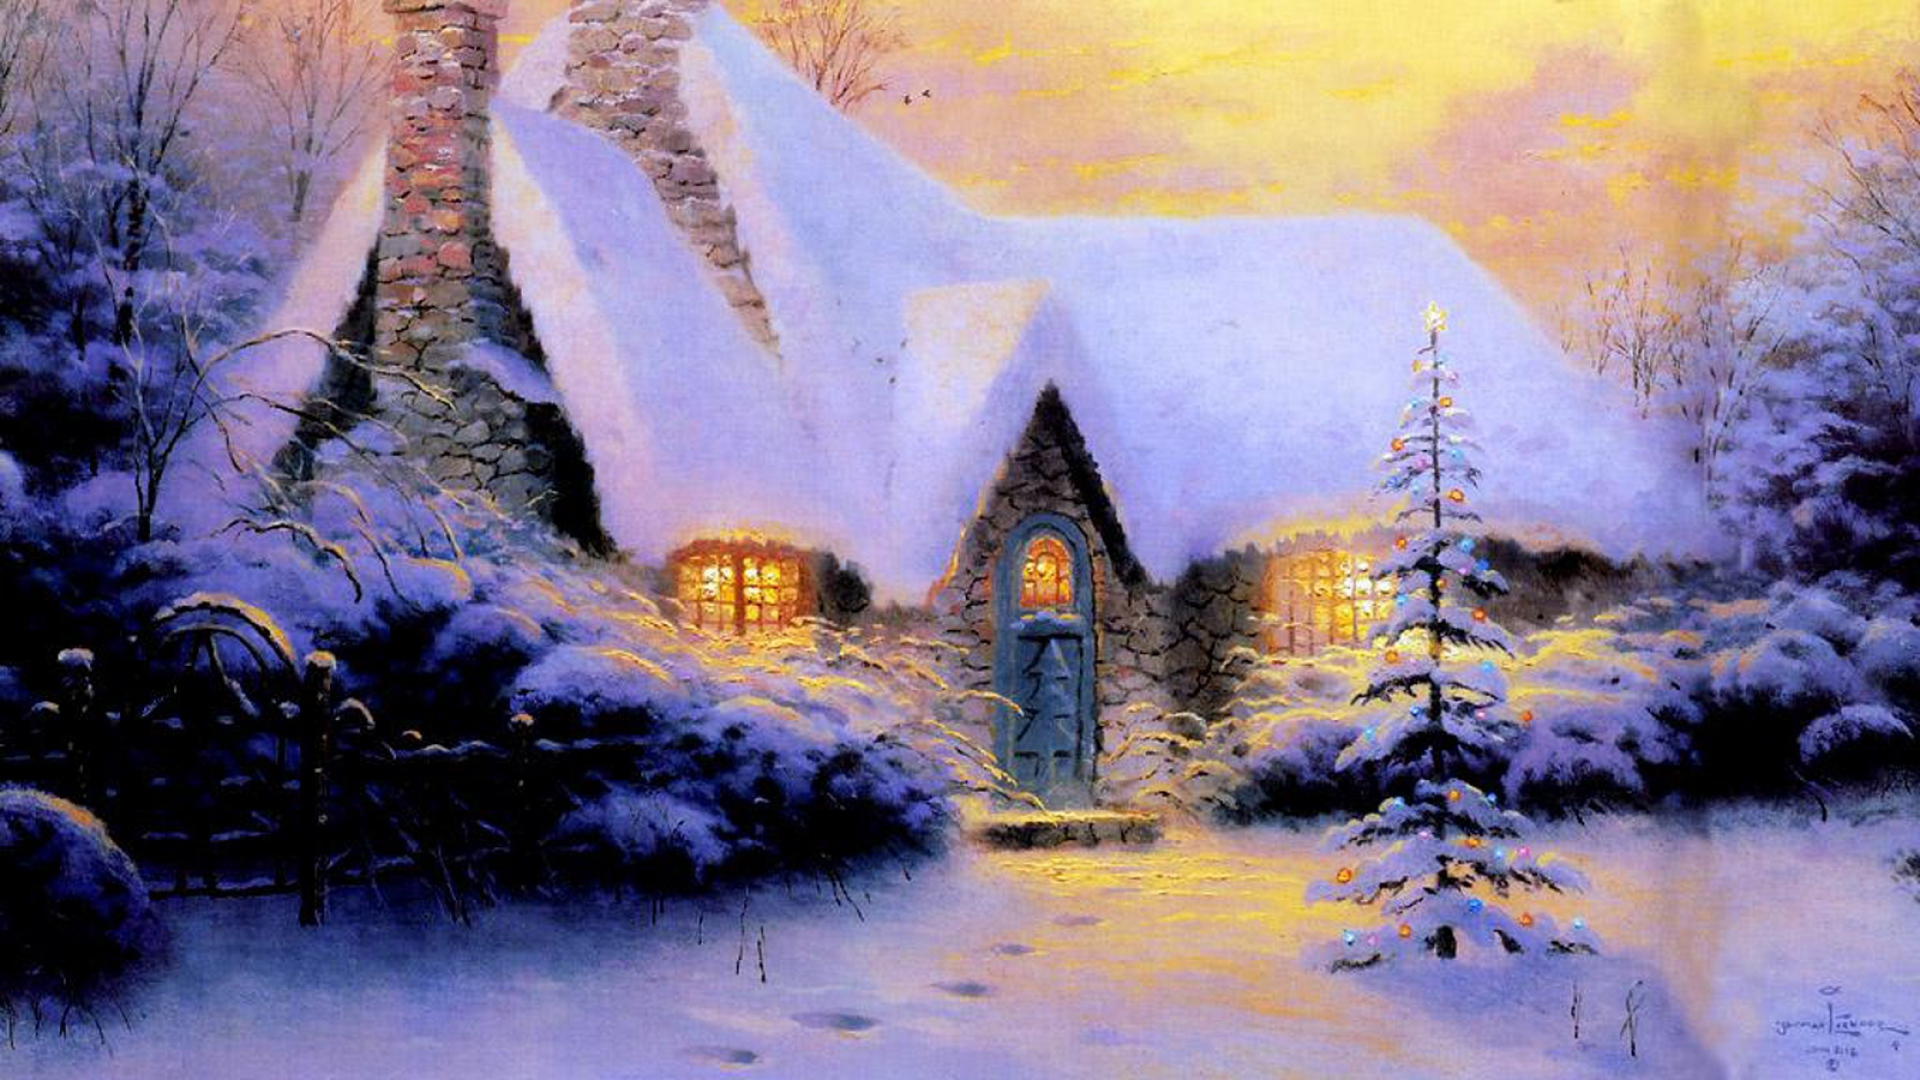 hd hintergrundbilder haus schnee neues jahr weihnachten pelz-baum winter stein licht 1920x1080